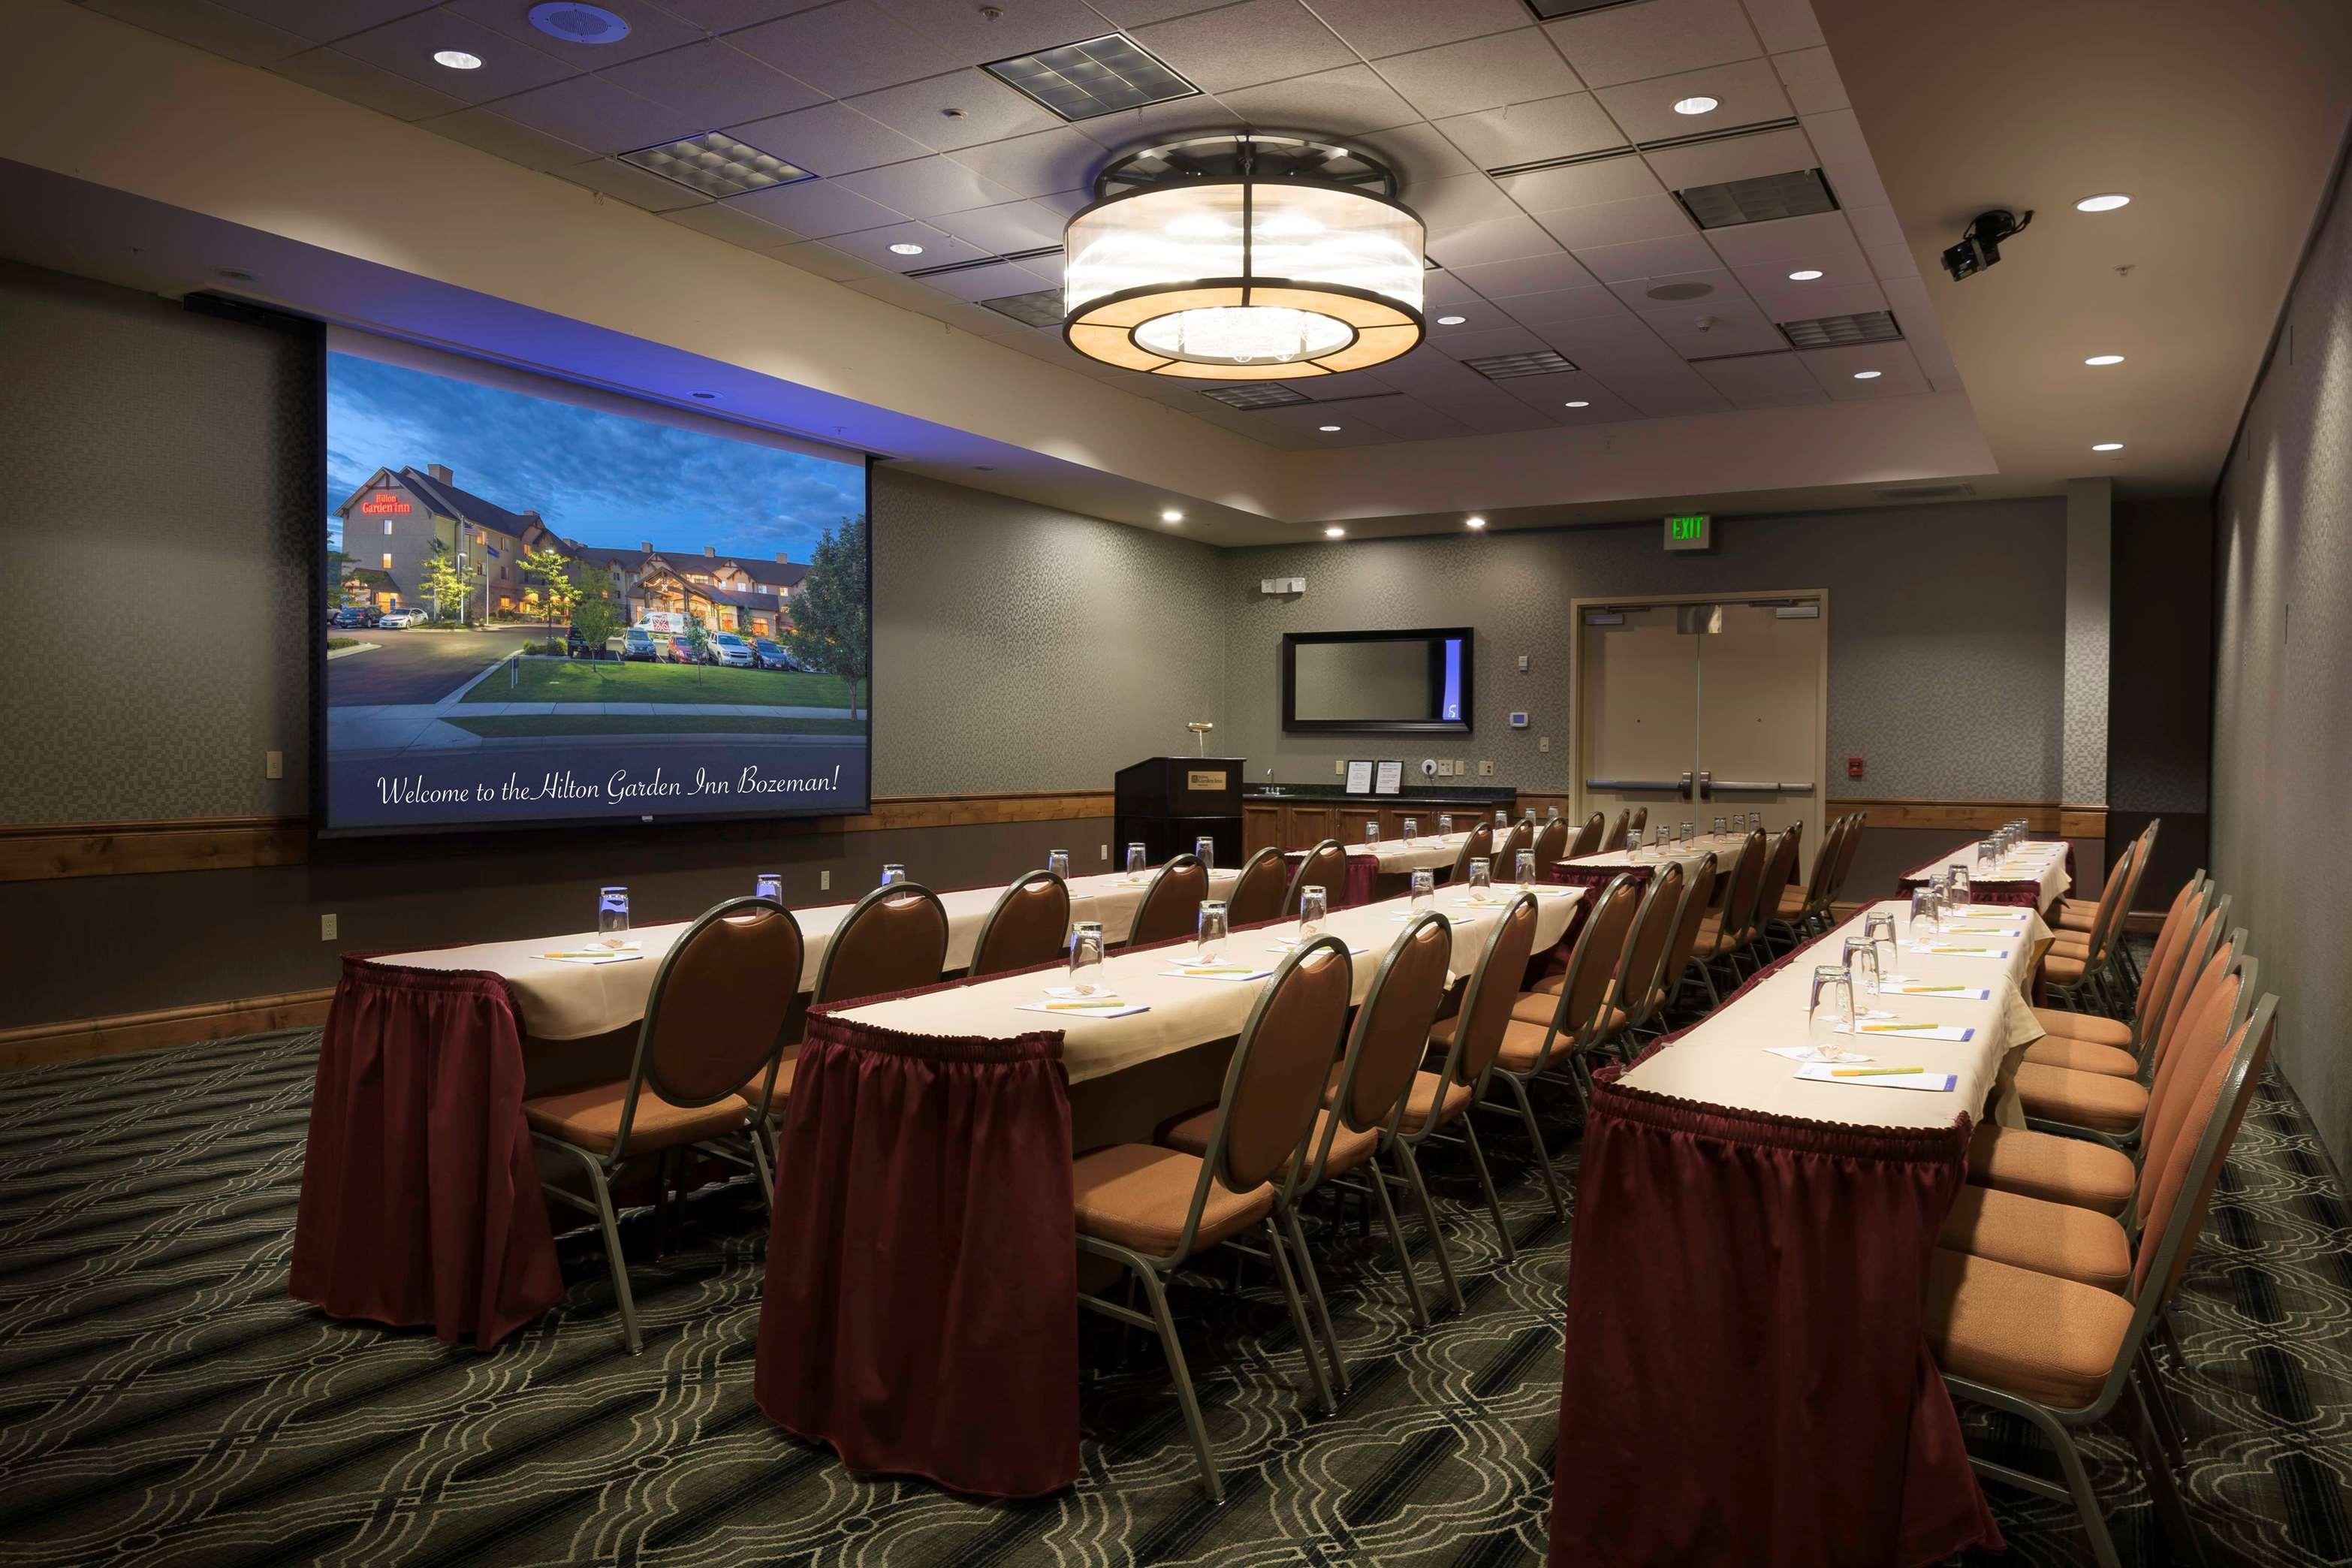 Hilton Garden Inn Bozeman 2023 Commerce Way Bozeman, MT Hotels ...